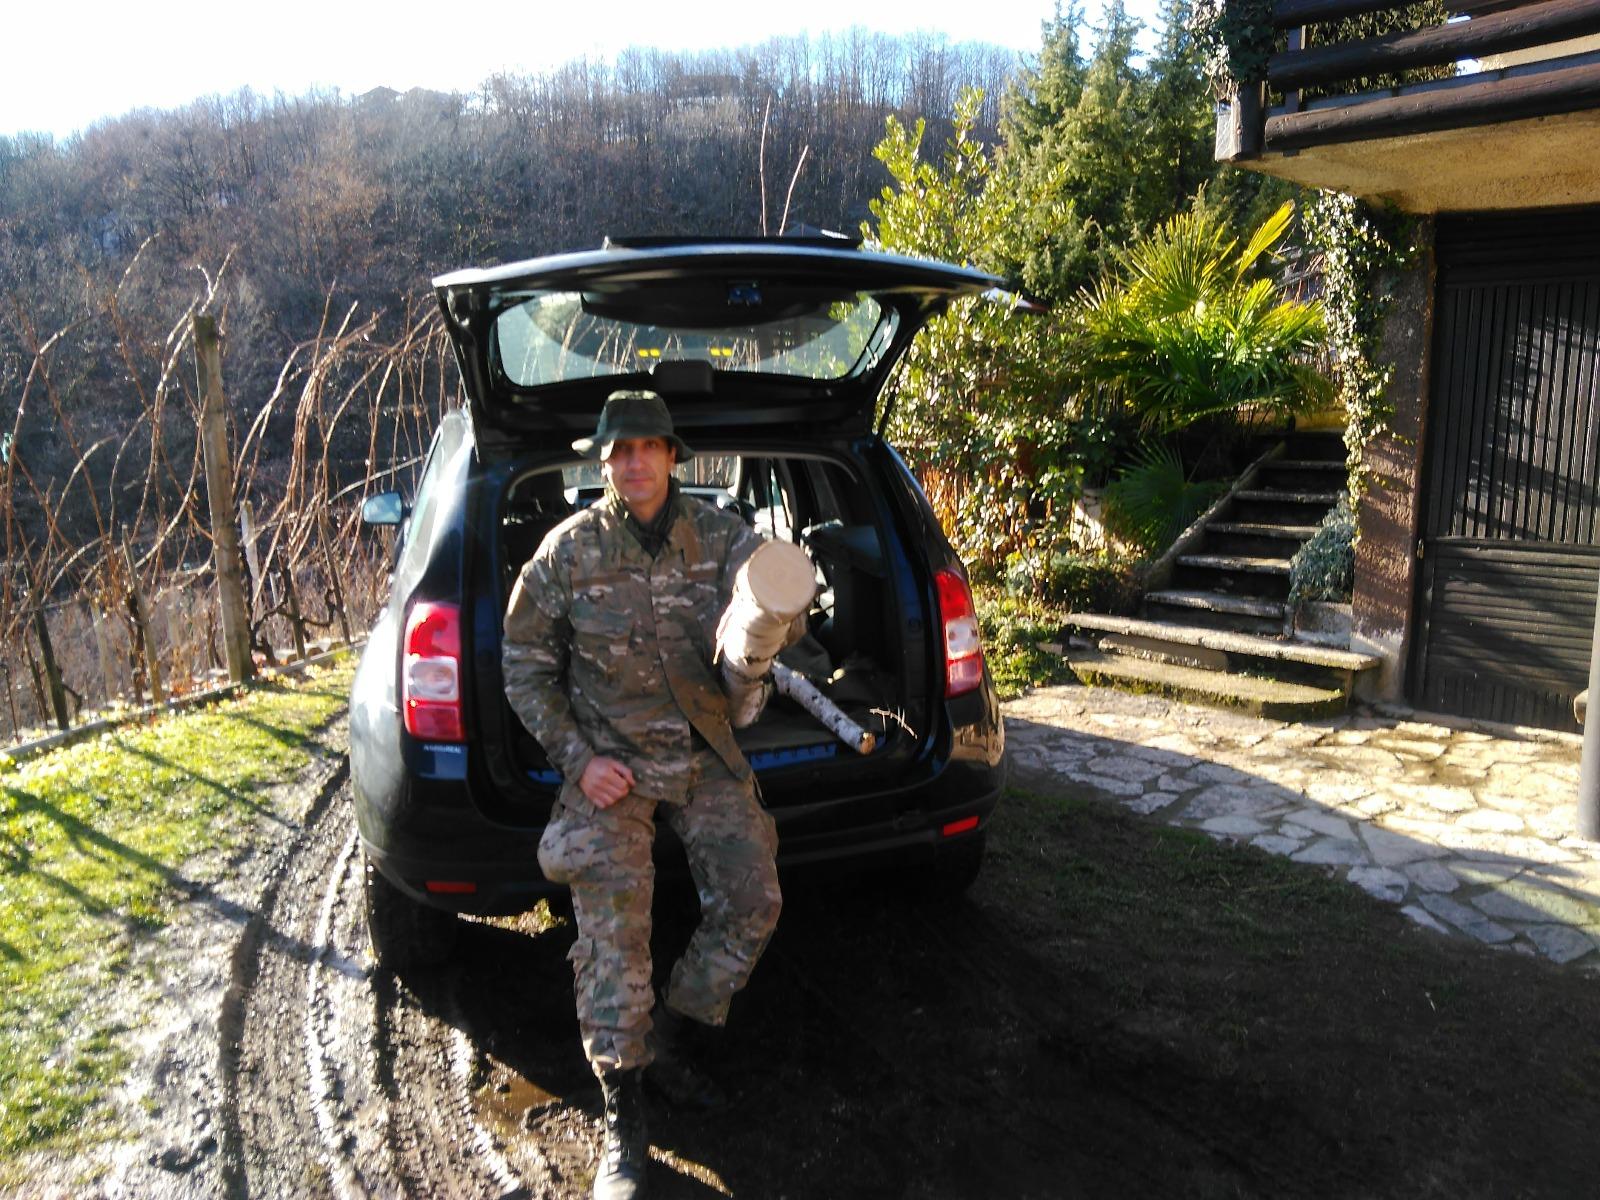 šotorsko krilo, vojaško šotorsko krilo, B33 army shop, army shop, B33 tactical, opremljen.si, Trgovina z vojaško opremo, Vojaška trgovina